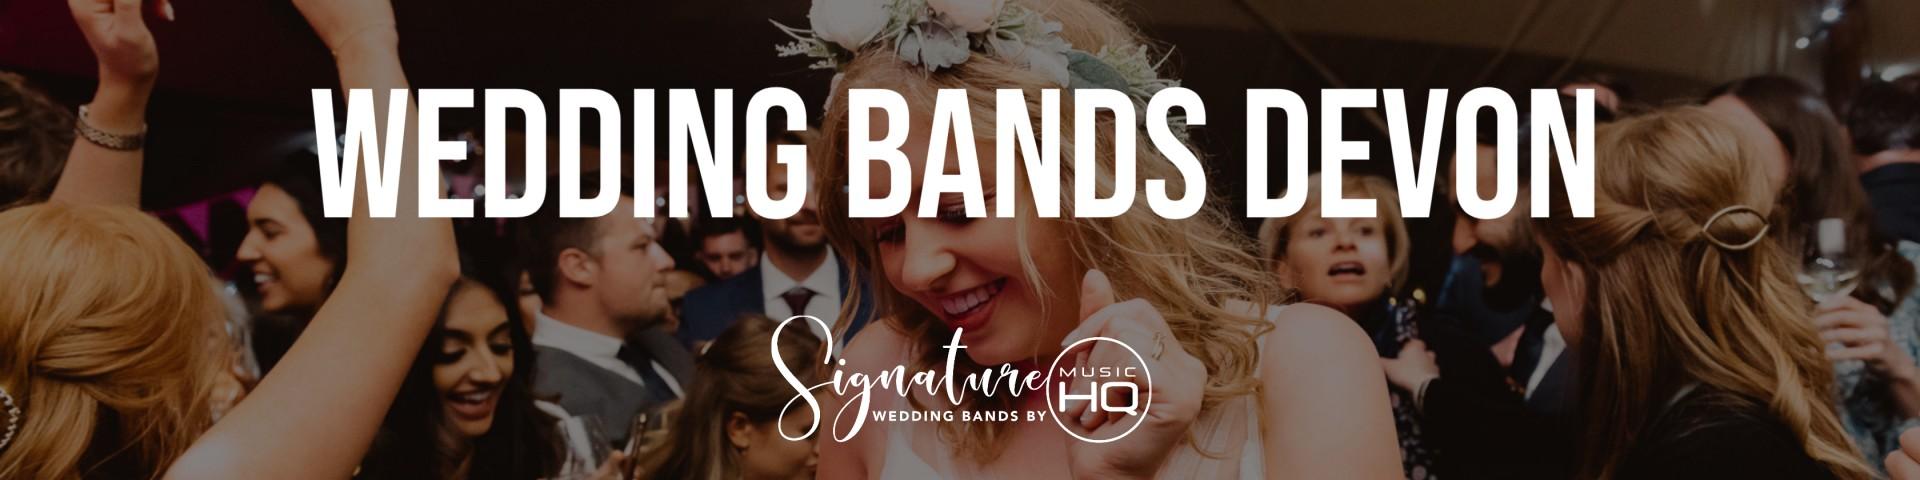 Best wedding bands in the Devon area